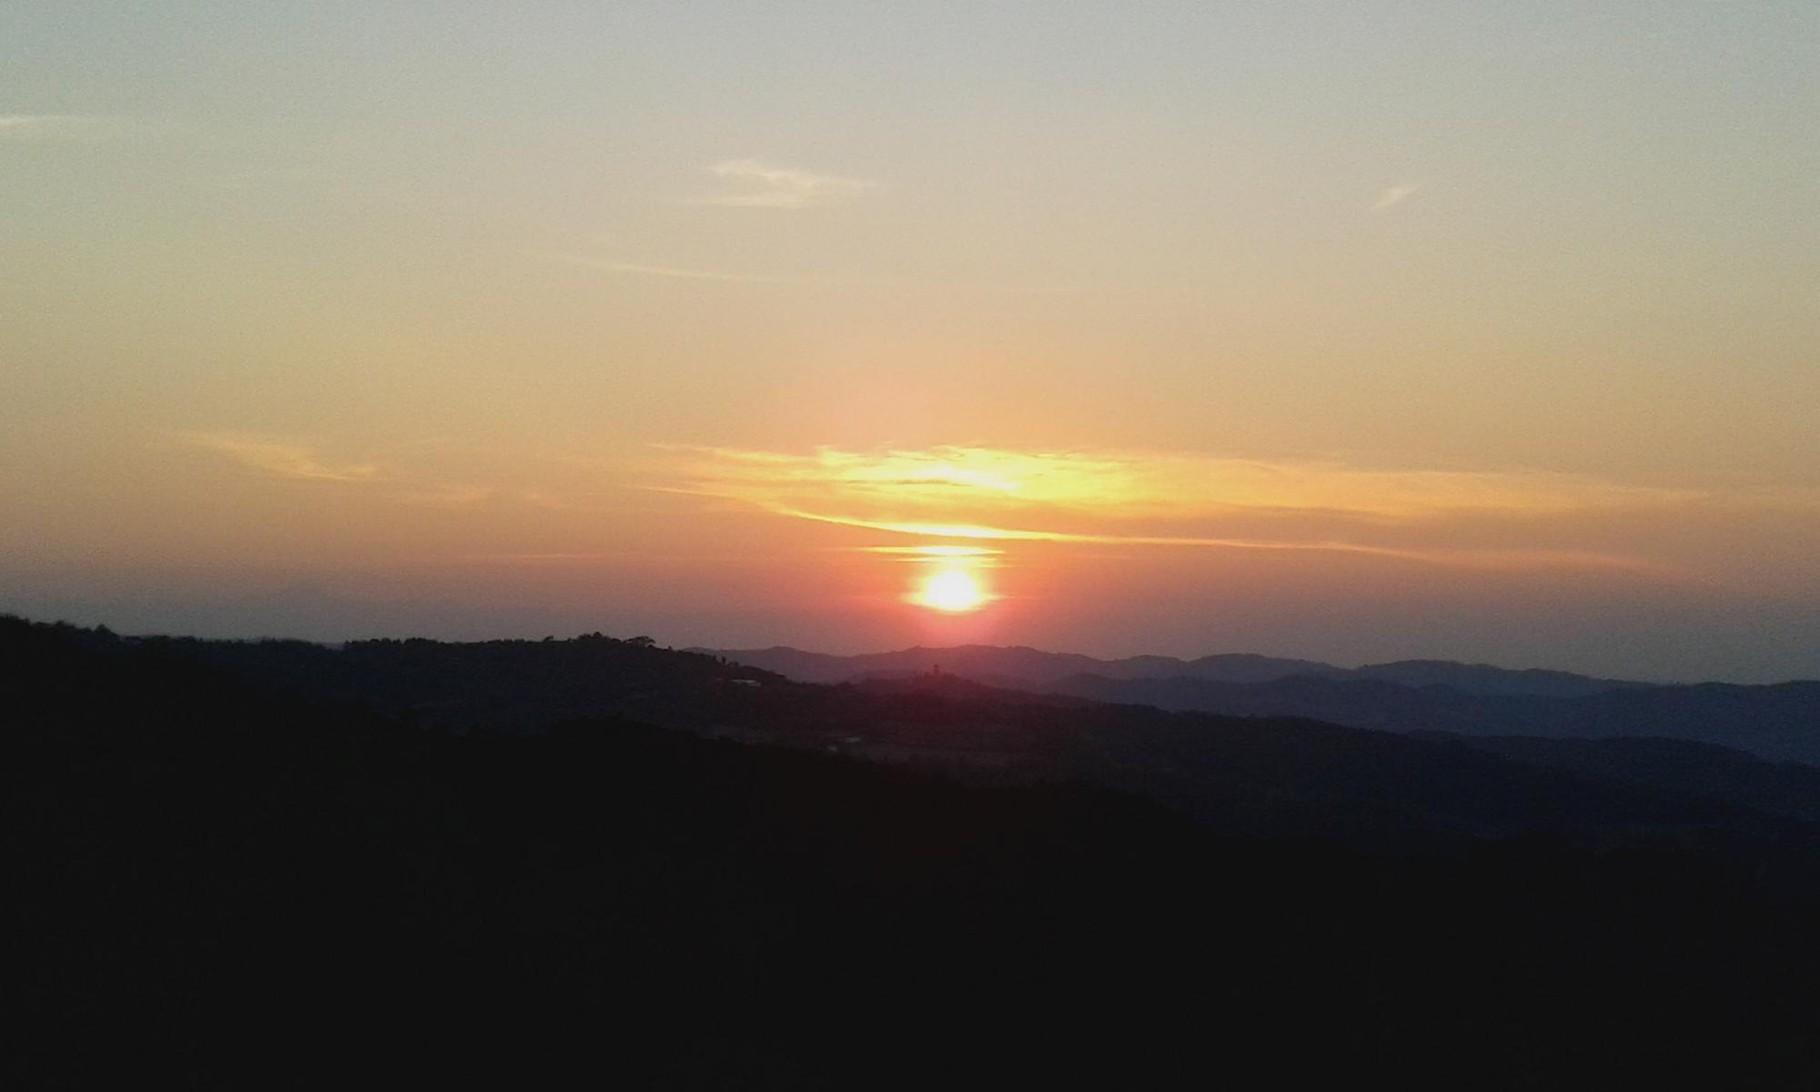 Sonnenuntergang vom Berg aus